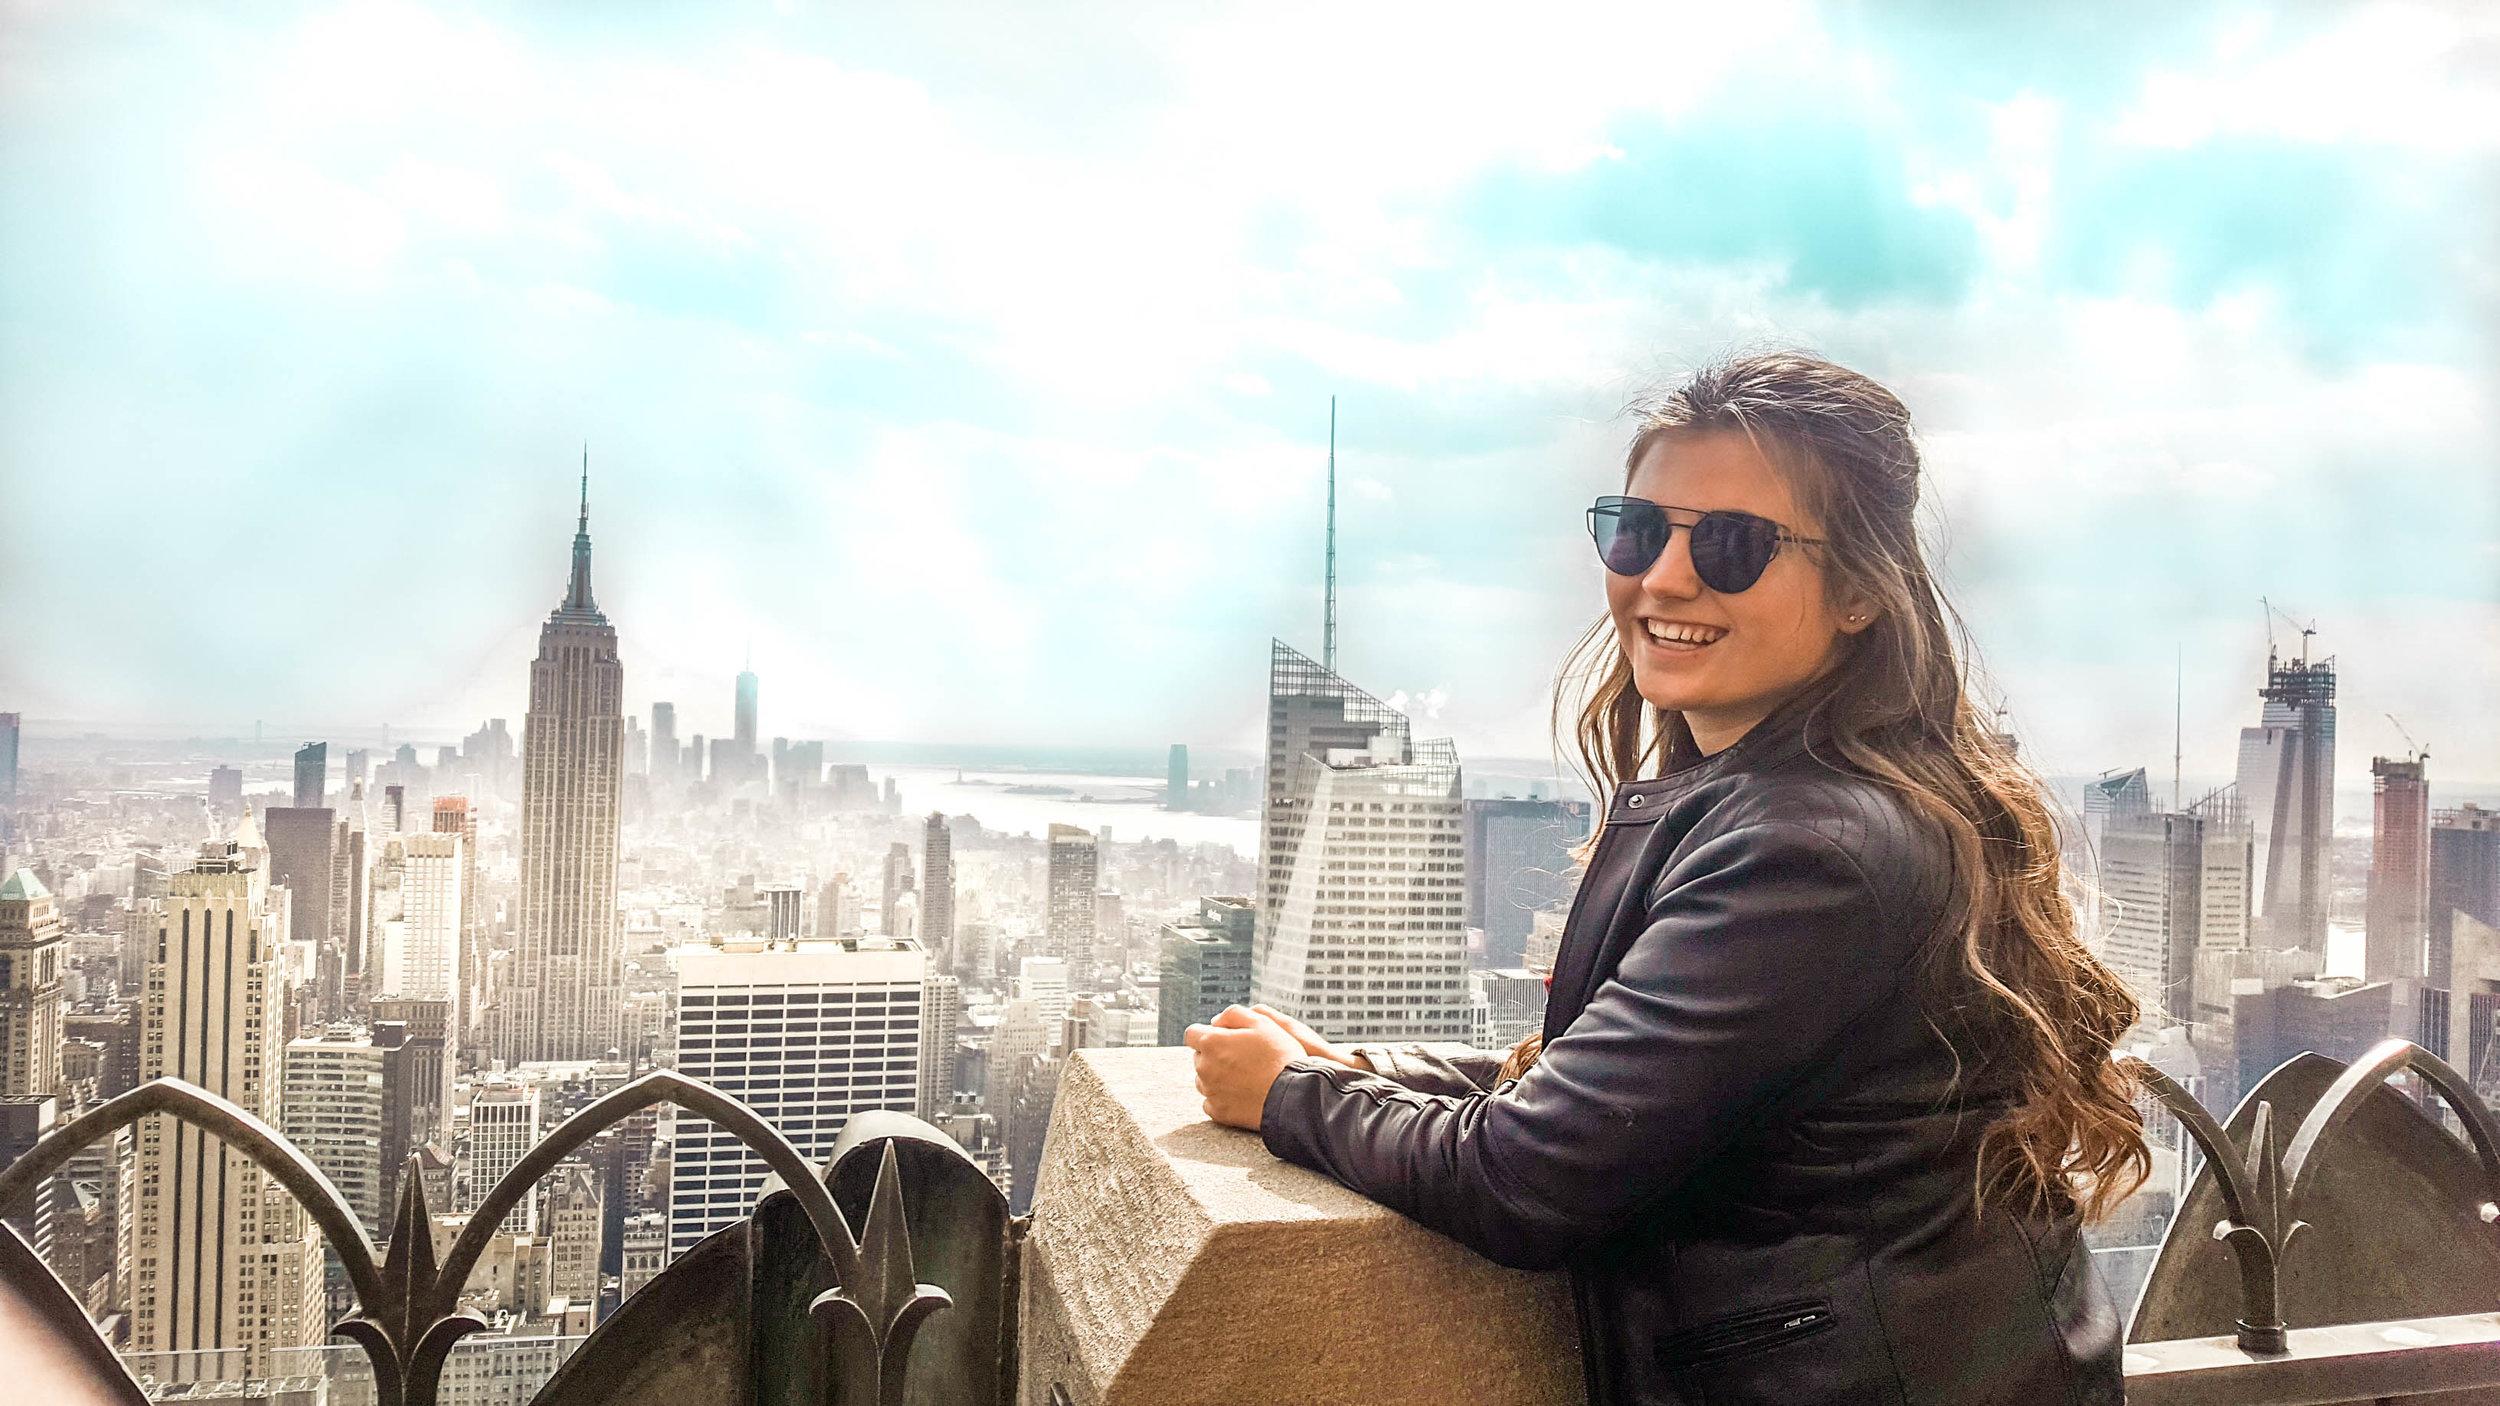 Rockefeller centre, New york